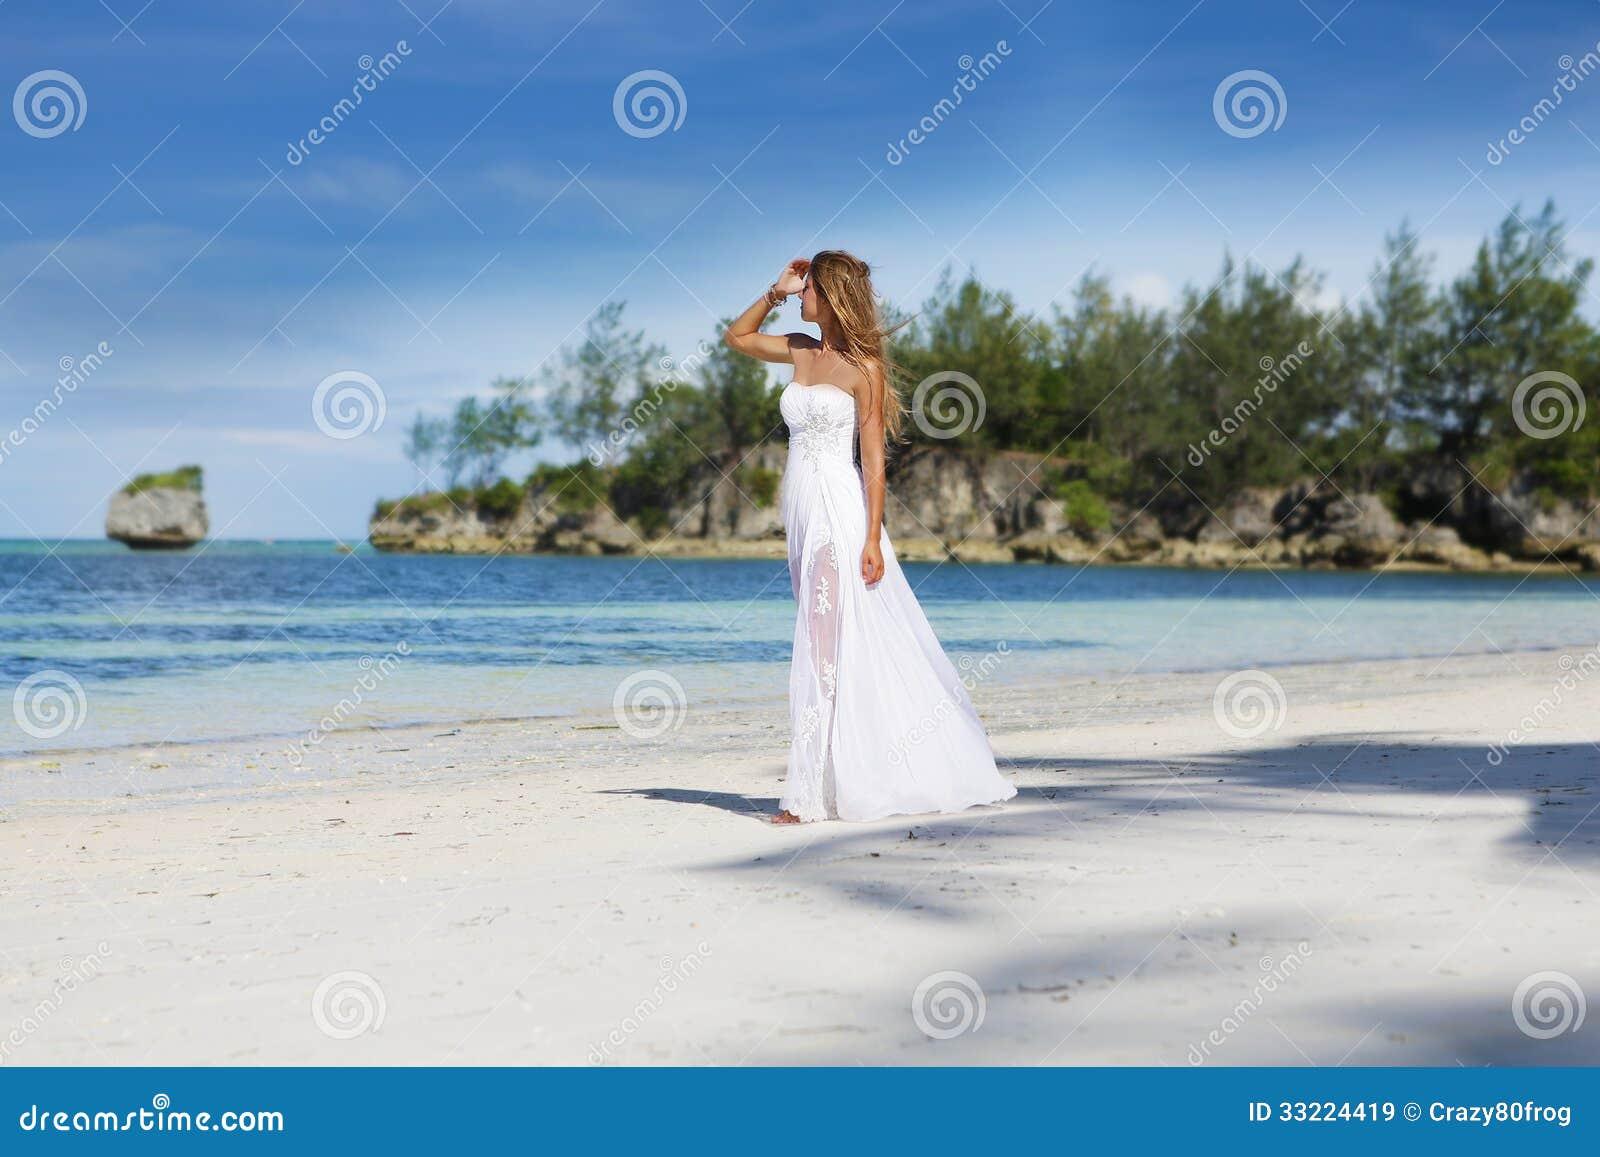 Jeune belle femme dans la robe de mariage sur la plage for Robes de mariage pour la plage